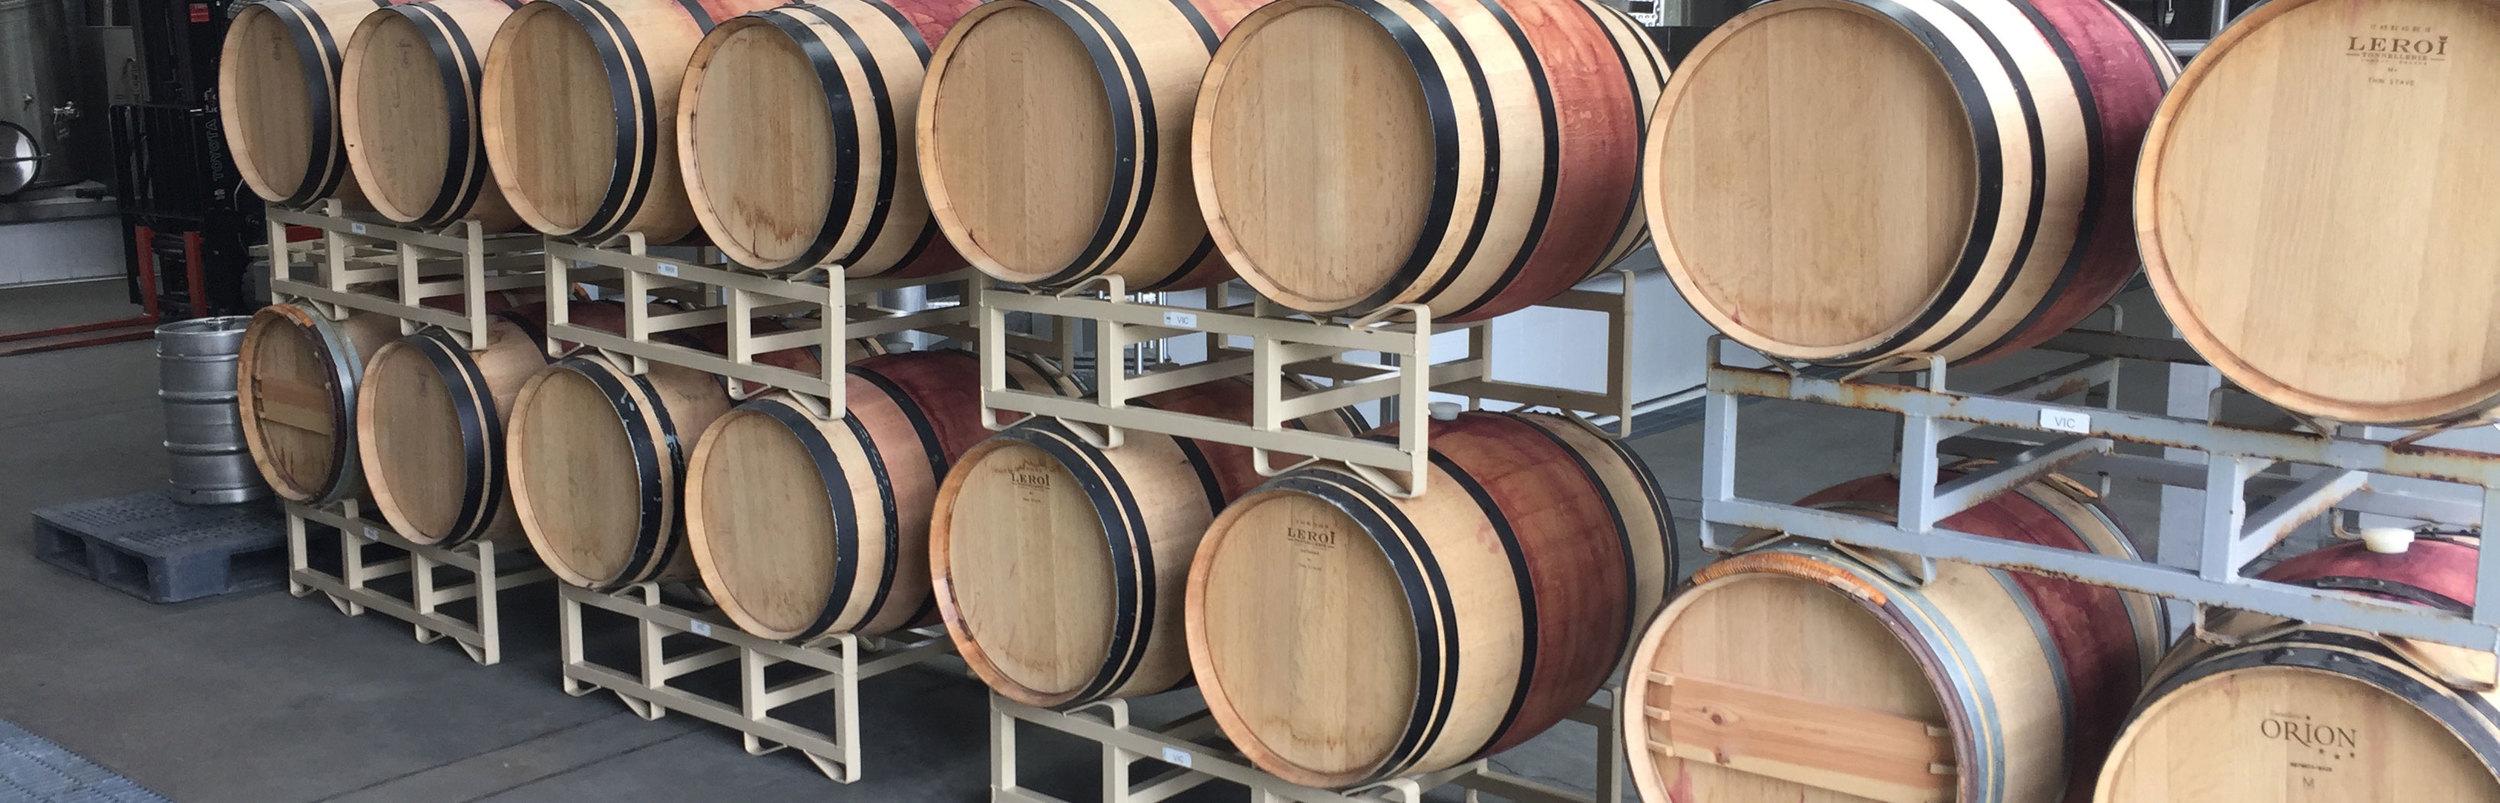 Barrels at a Winery